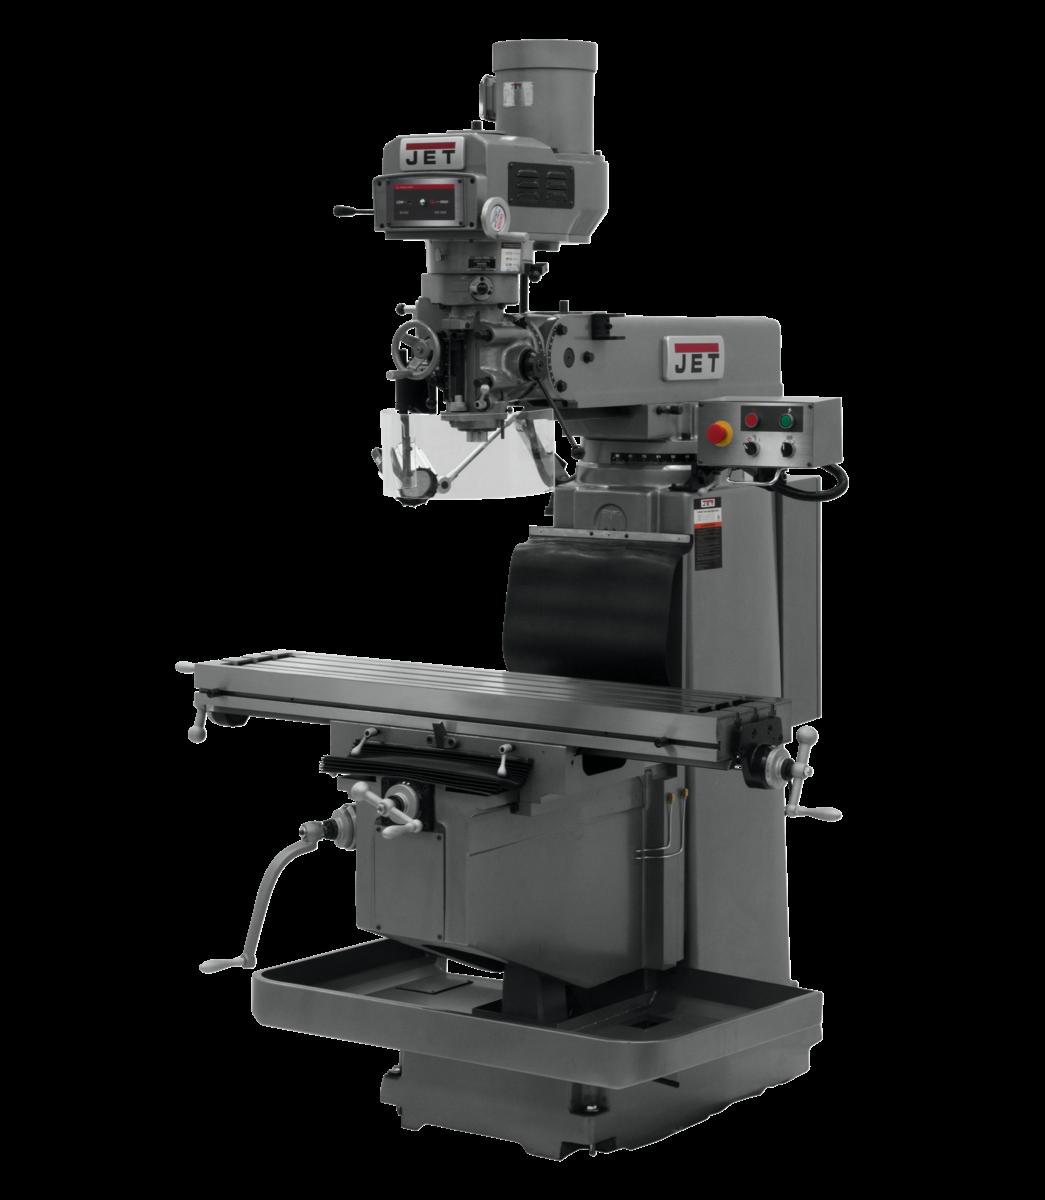 JTM-1254RVS / VS CNC